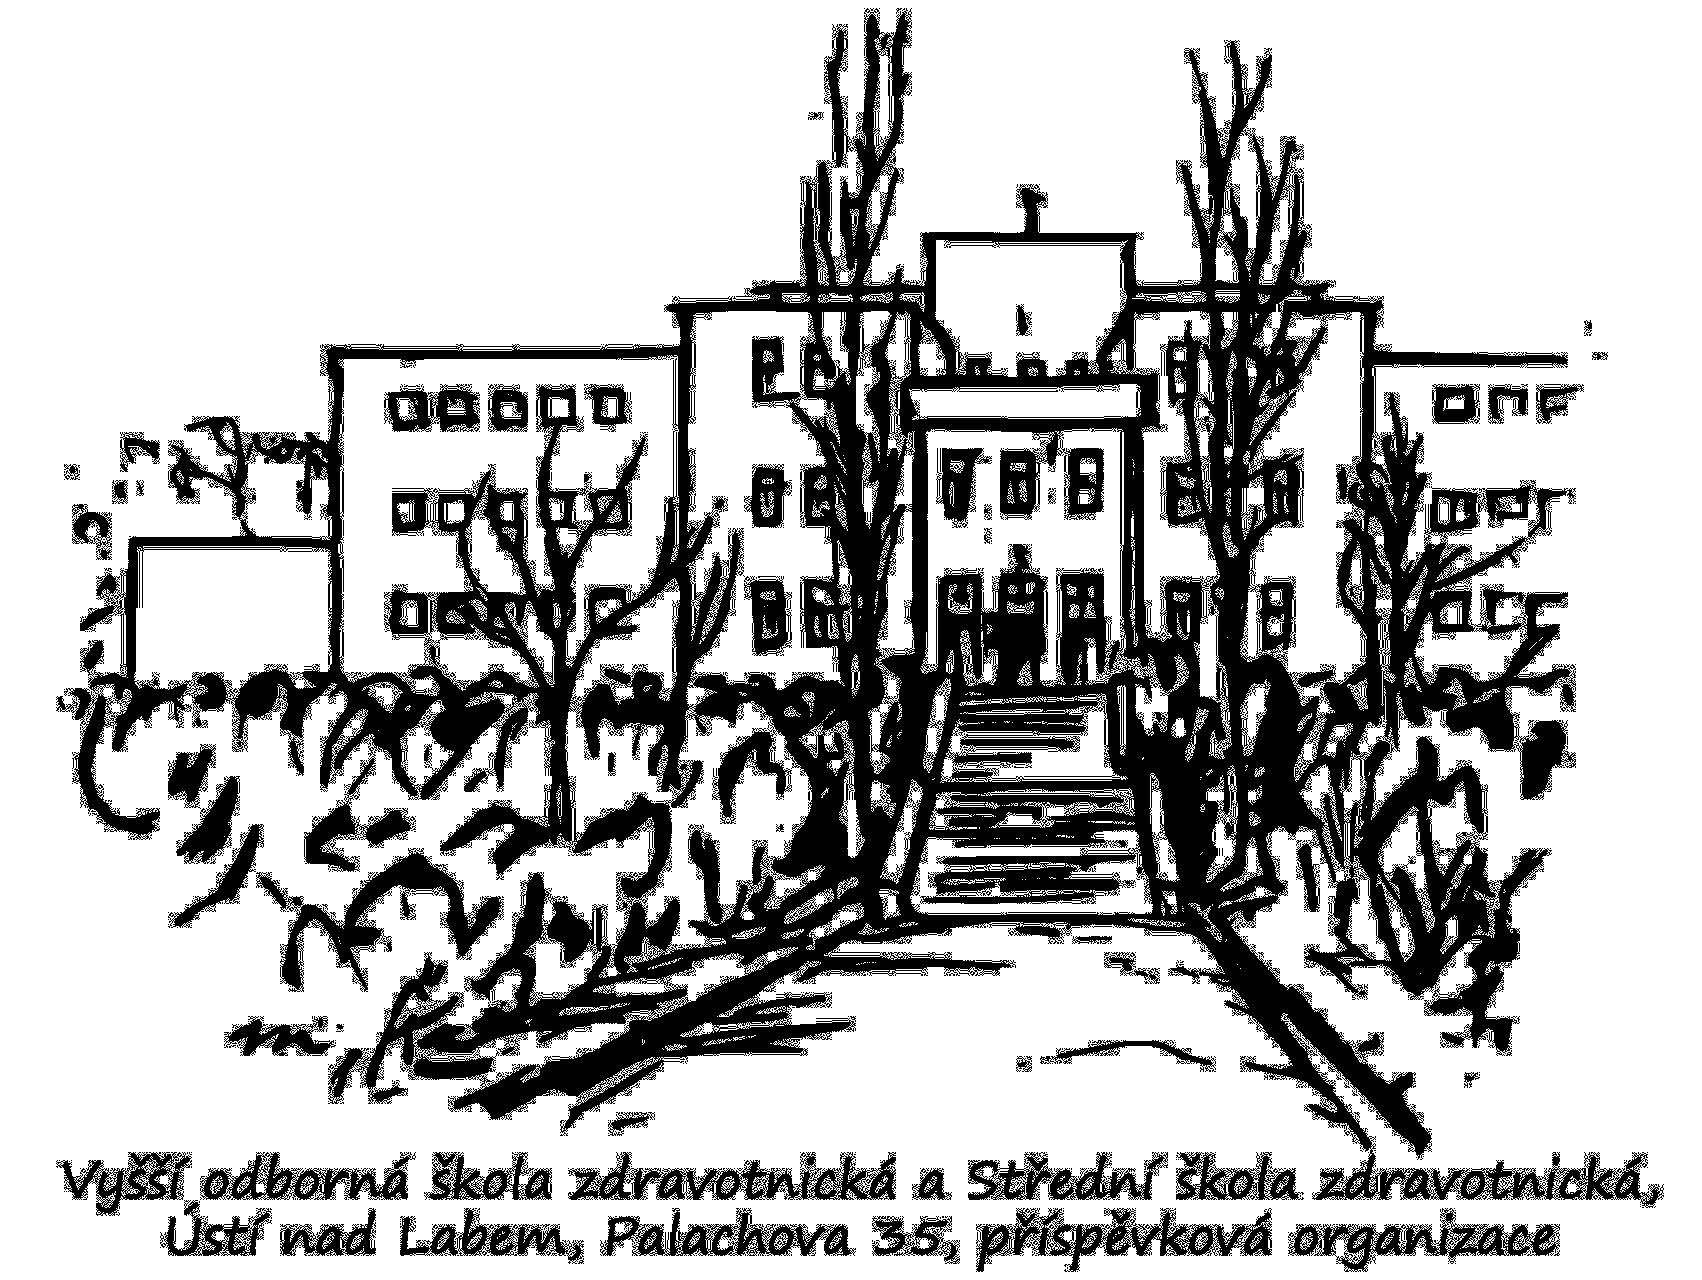 Vyšší odborná škola zdravotnická a Střední škola zdravotnická, Ústí nad Labem, Palachova 35, příspěvková organizace logo